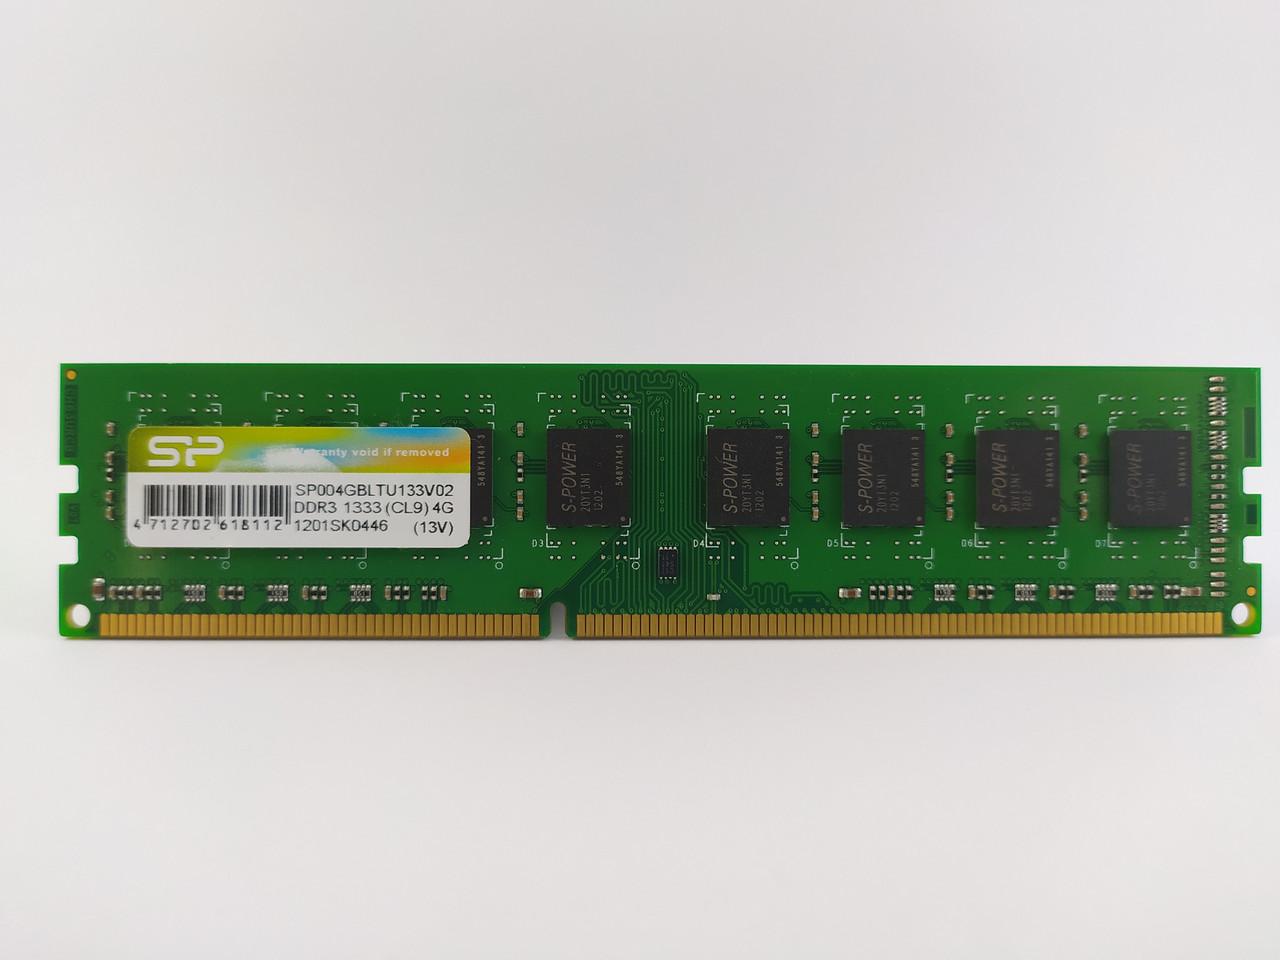 Оперативная память Silicon Power DDR3 4Gb 1333MHz PC3-10600S (SP004GBLTU133V02) Б/У